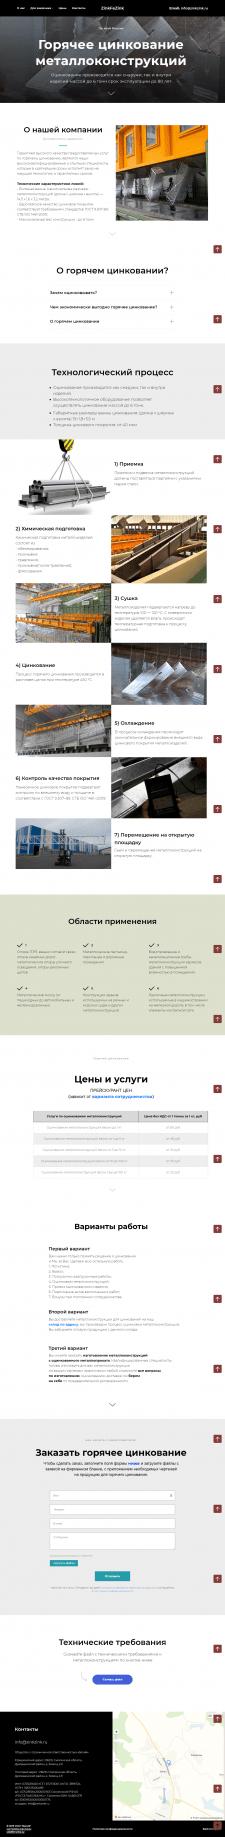 Горячее цинкование по всей России